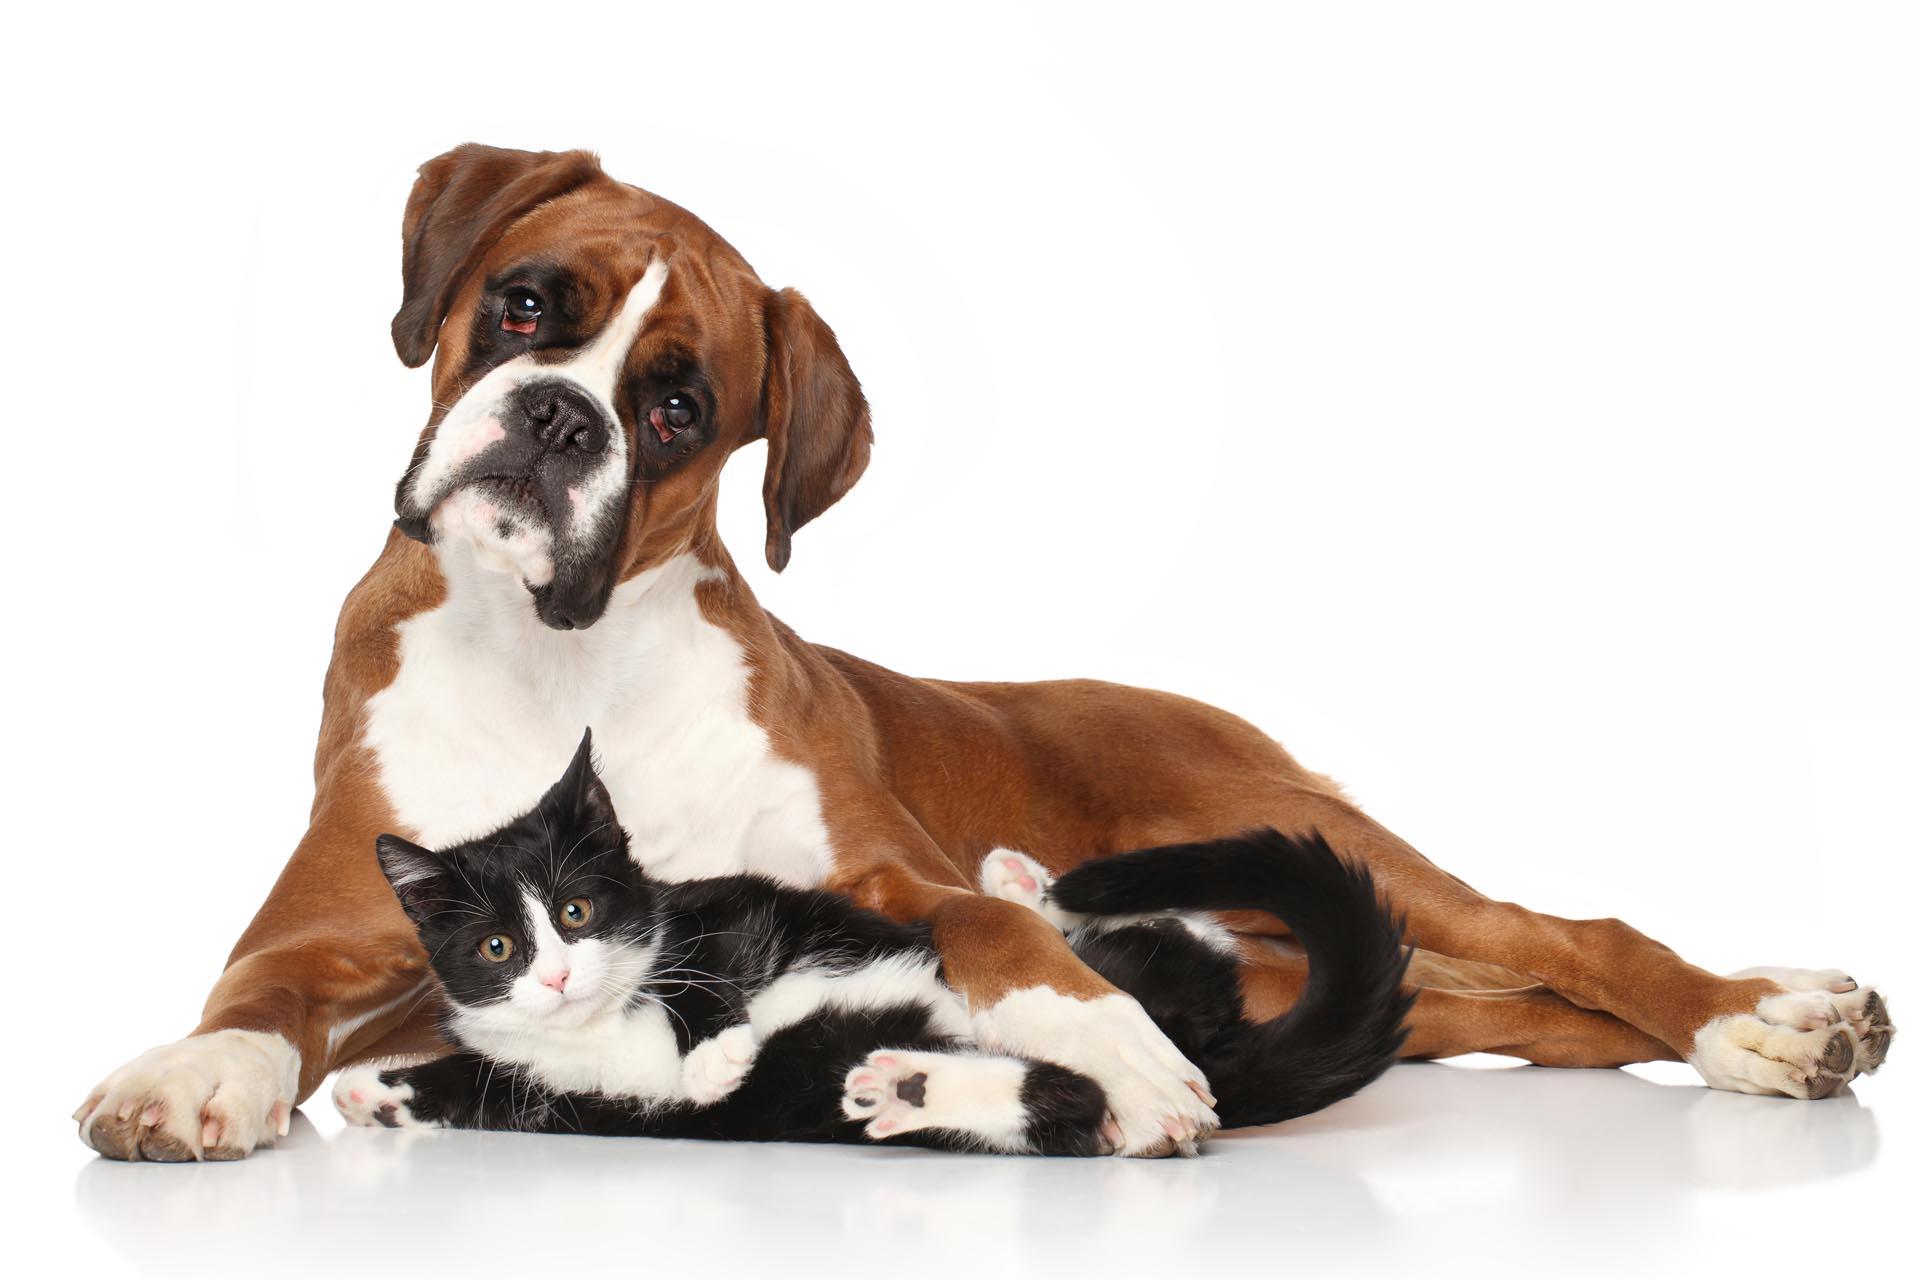 Produits de soins à l'aloe vera pour les chiens et chats